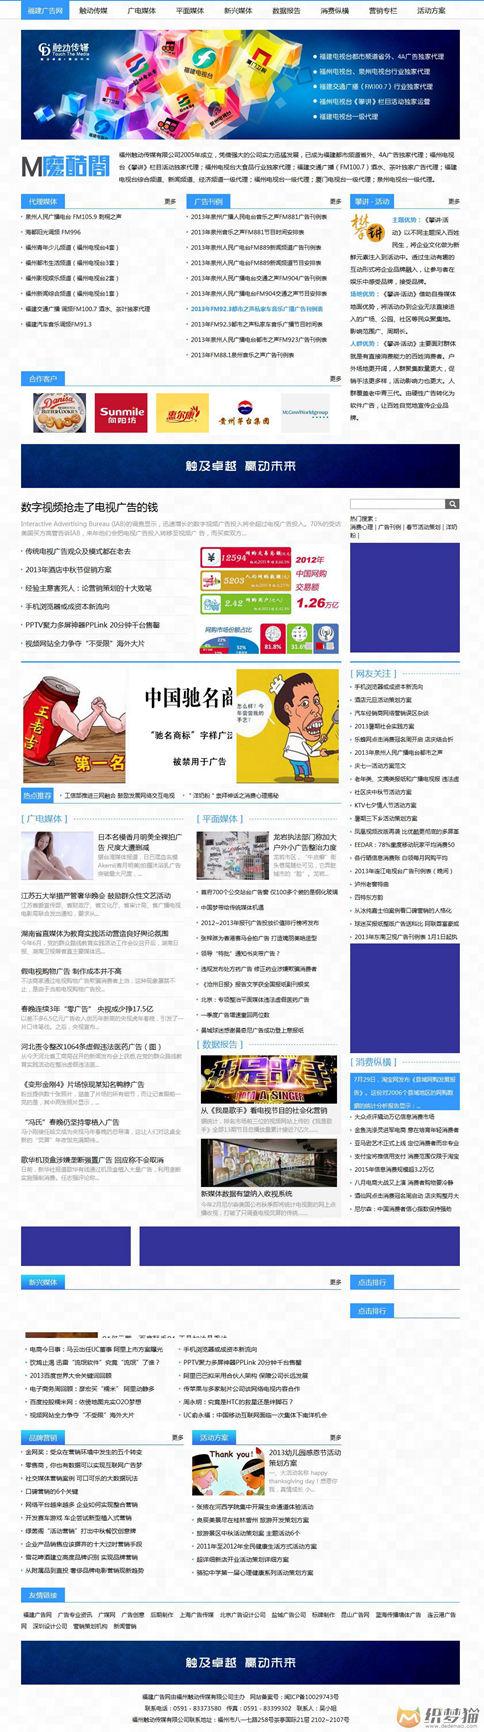 【织梦模板】蓝色文章资讯类织梦模板